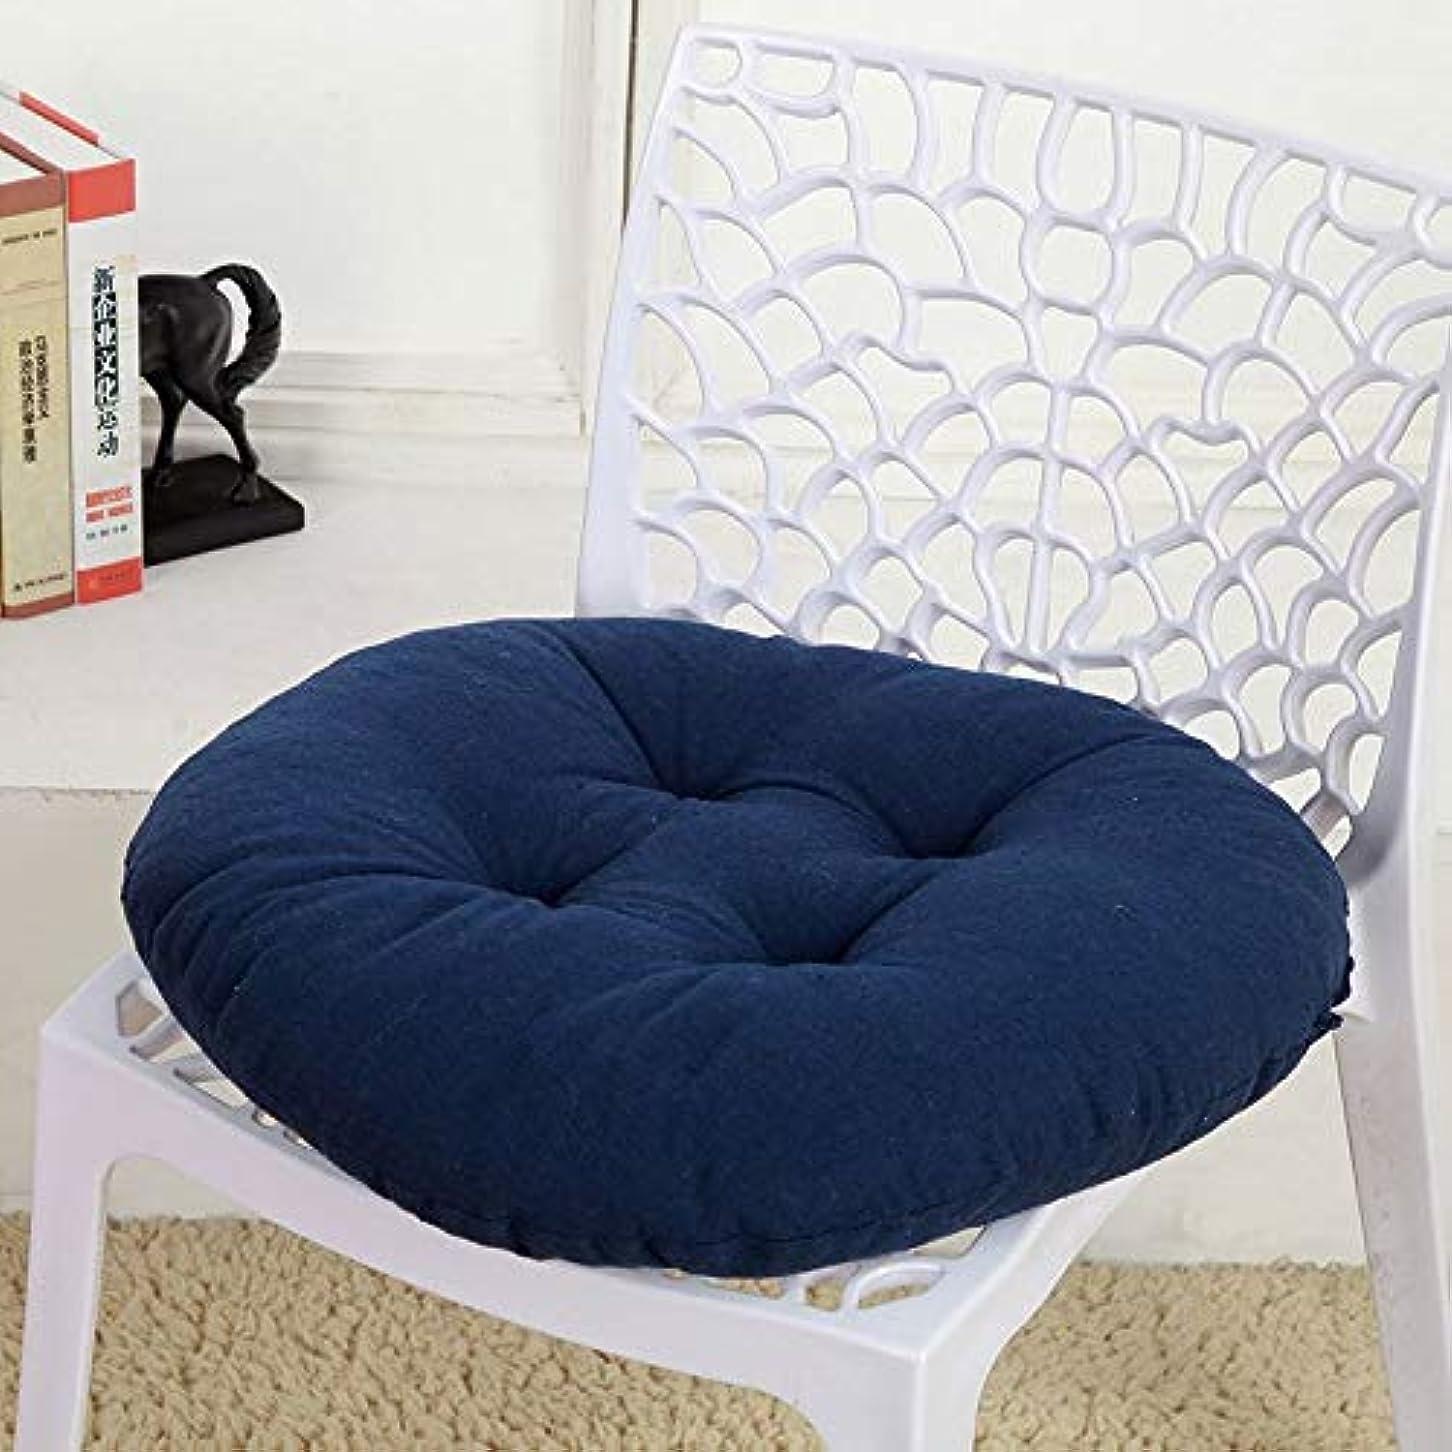 ネーピア血まみれの冷凍庫SMART キャンディカラーのクッションラウンドシートクッション波ウィンドウシートクッションクッション家の装飾パッドラウンド枕シート枕椅子座る枕 クッション 椅子